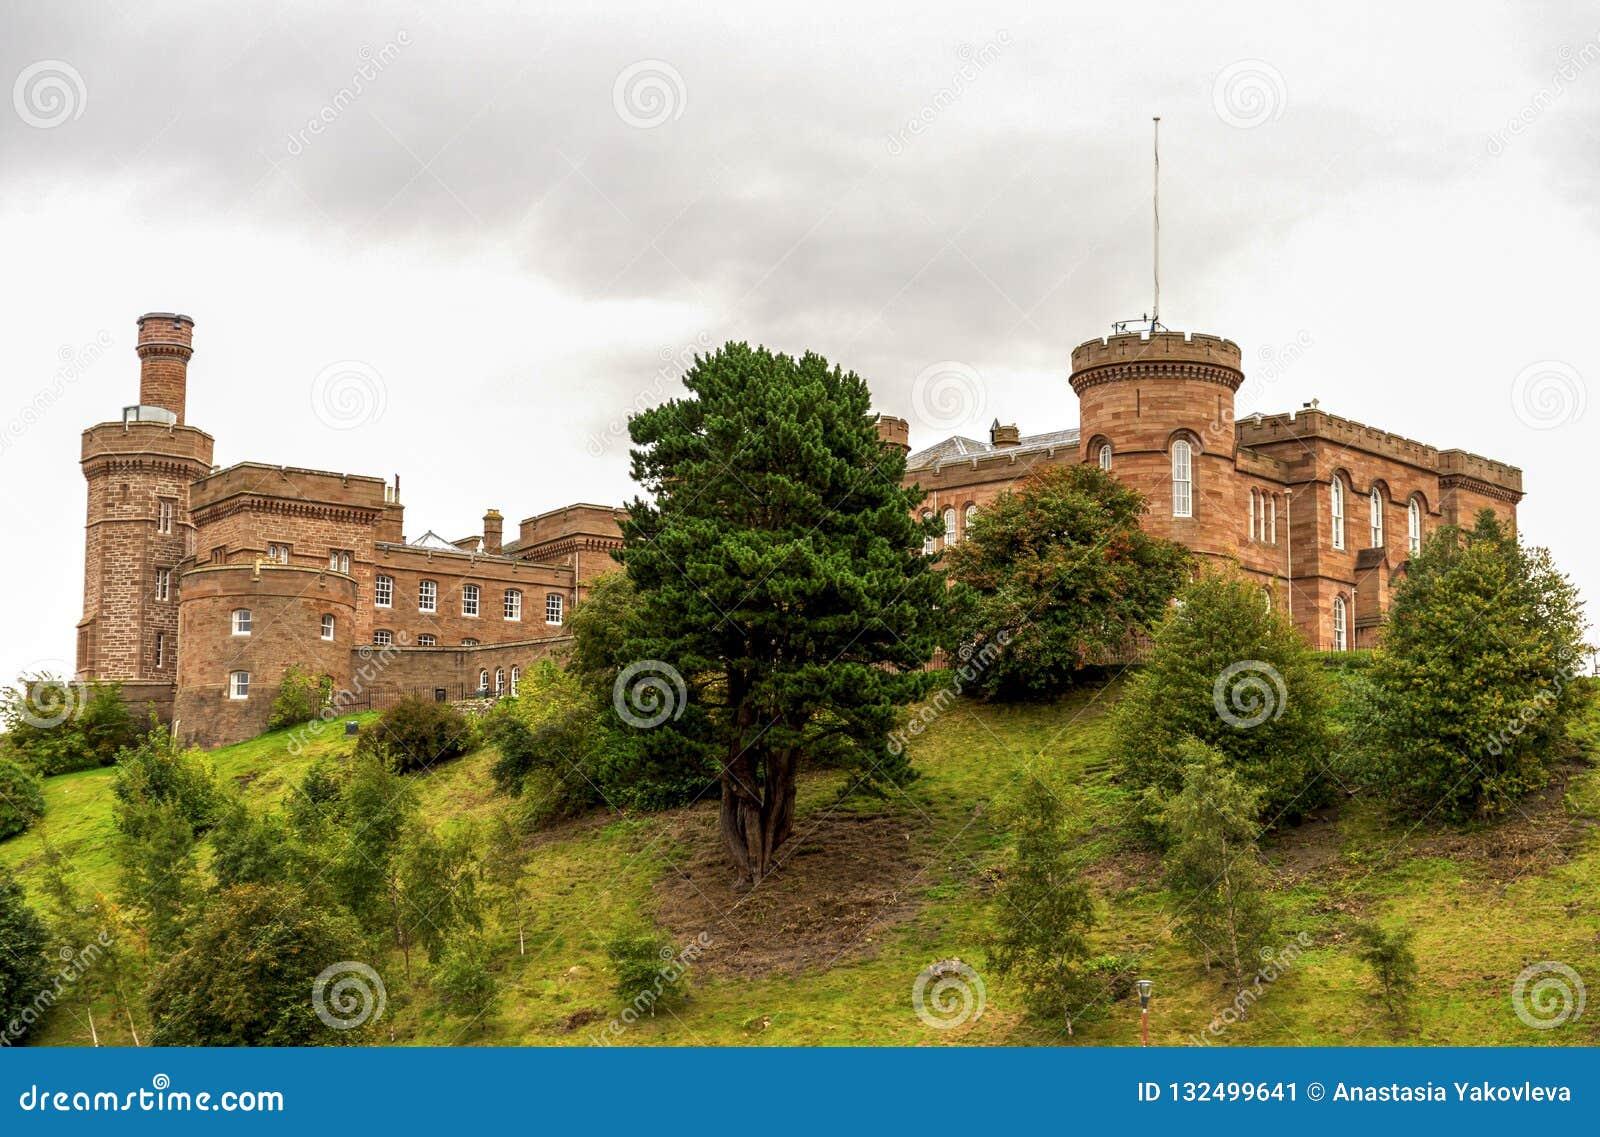 因弗内斯城堡,苏格兰一个风景接近的看法